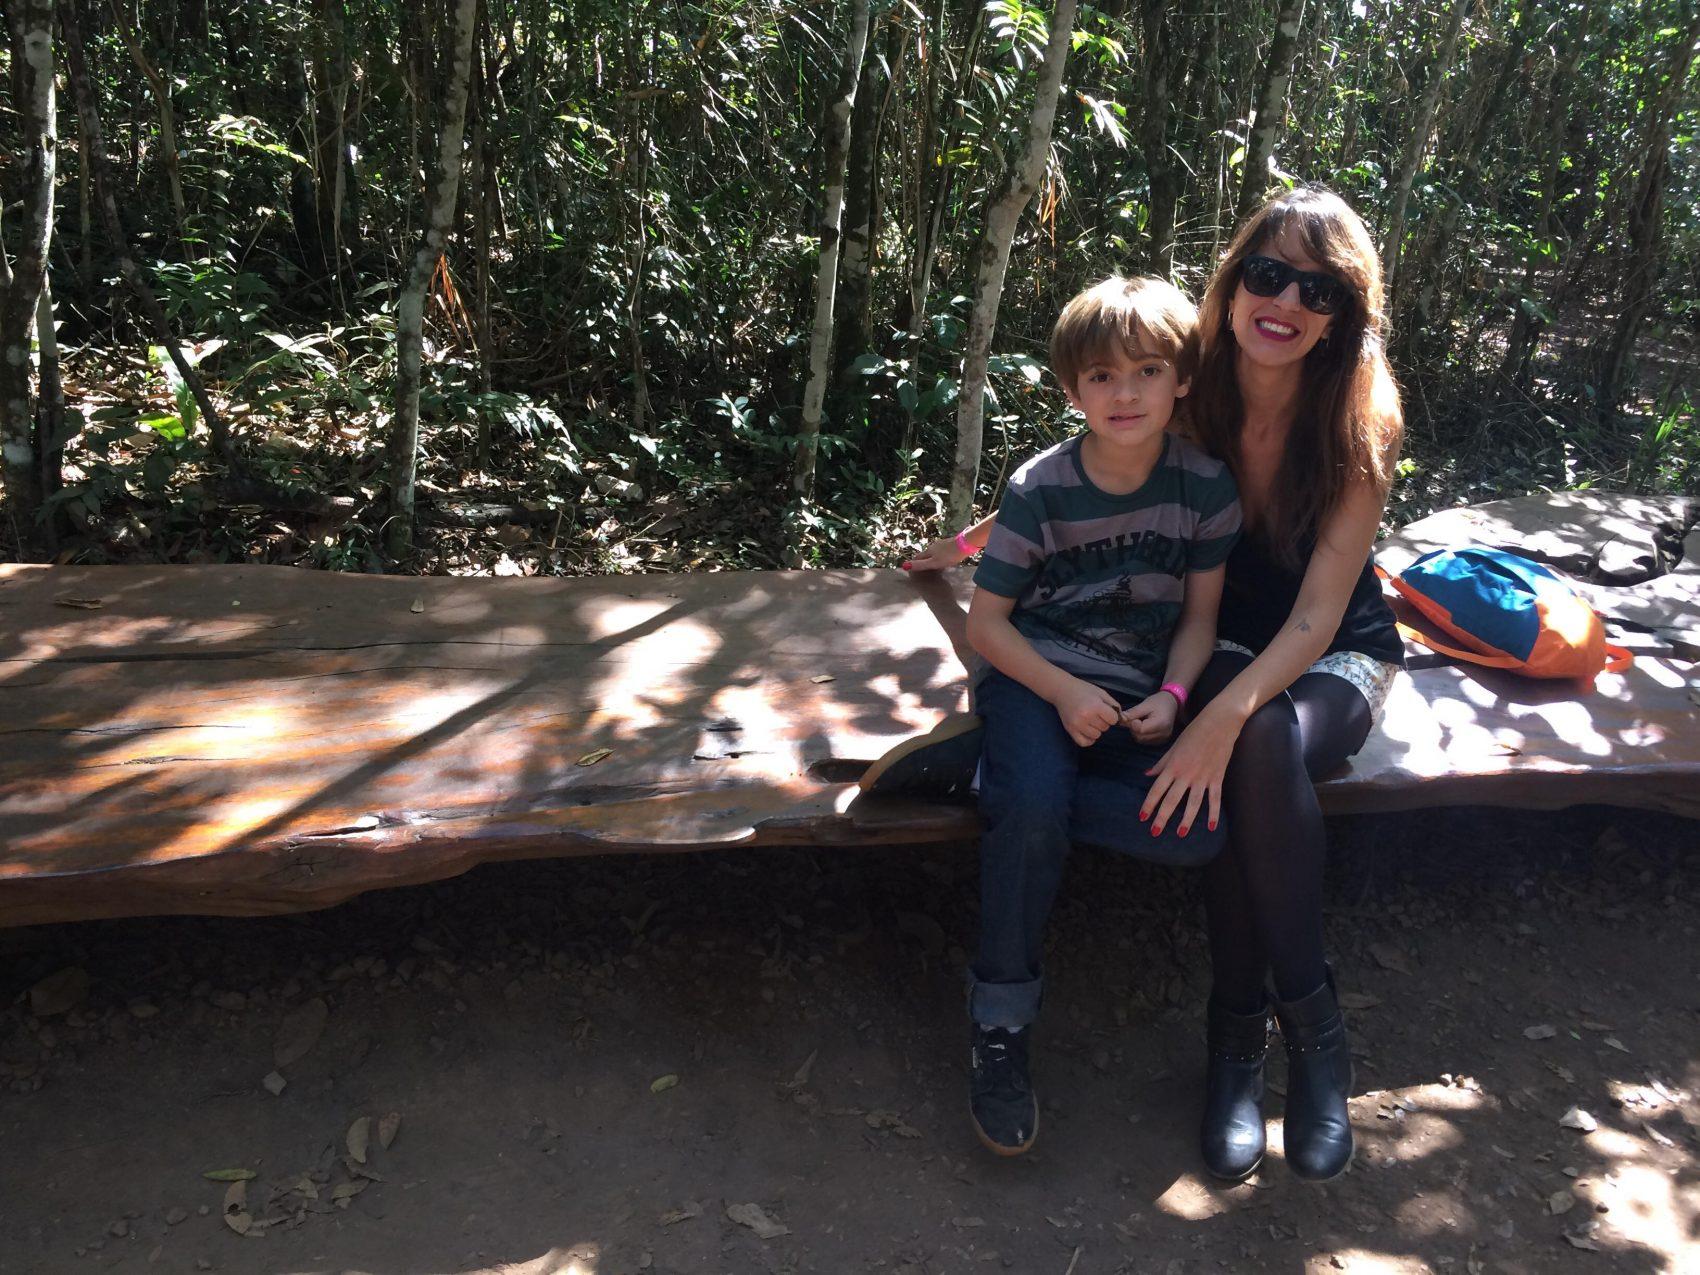 A psicóloga Paula com o filho: treinamento com o corpo e antes de aderir à menstruação livre e adaptação aos poucos até chegar a sair para balada sem proteção (Foto: Arquivo Pessoal)